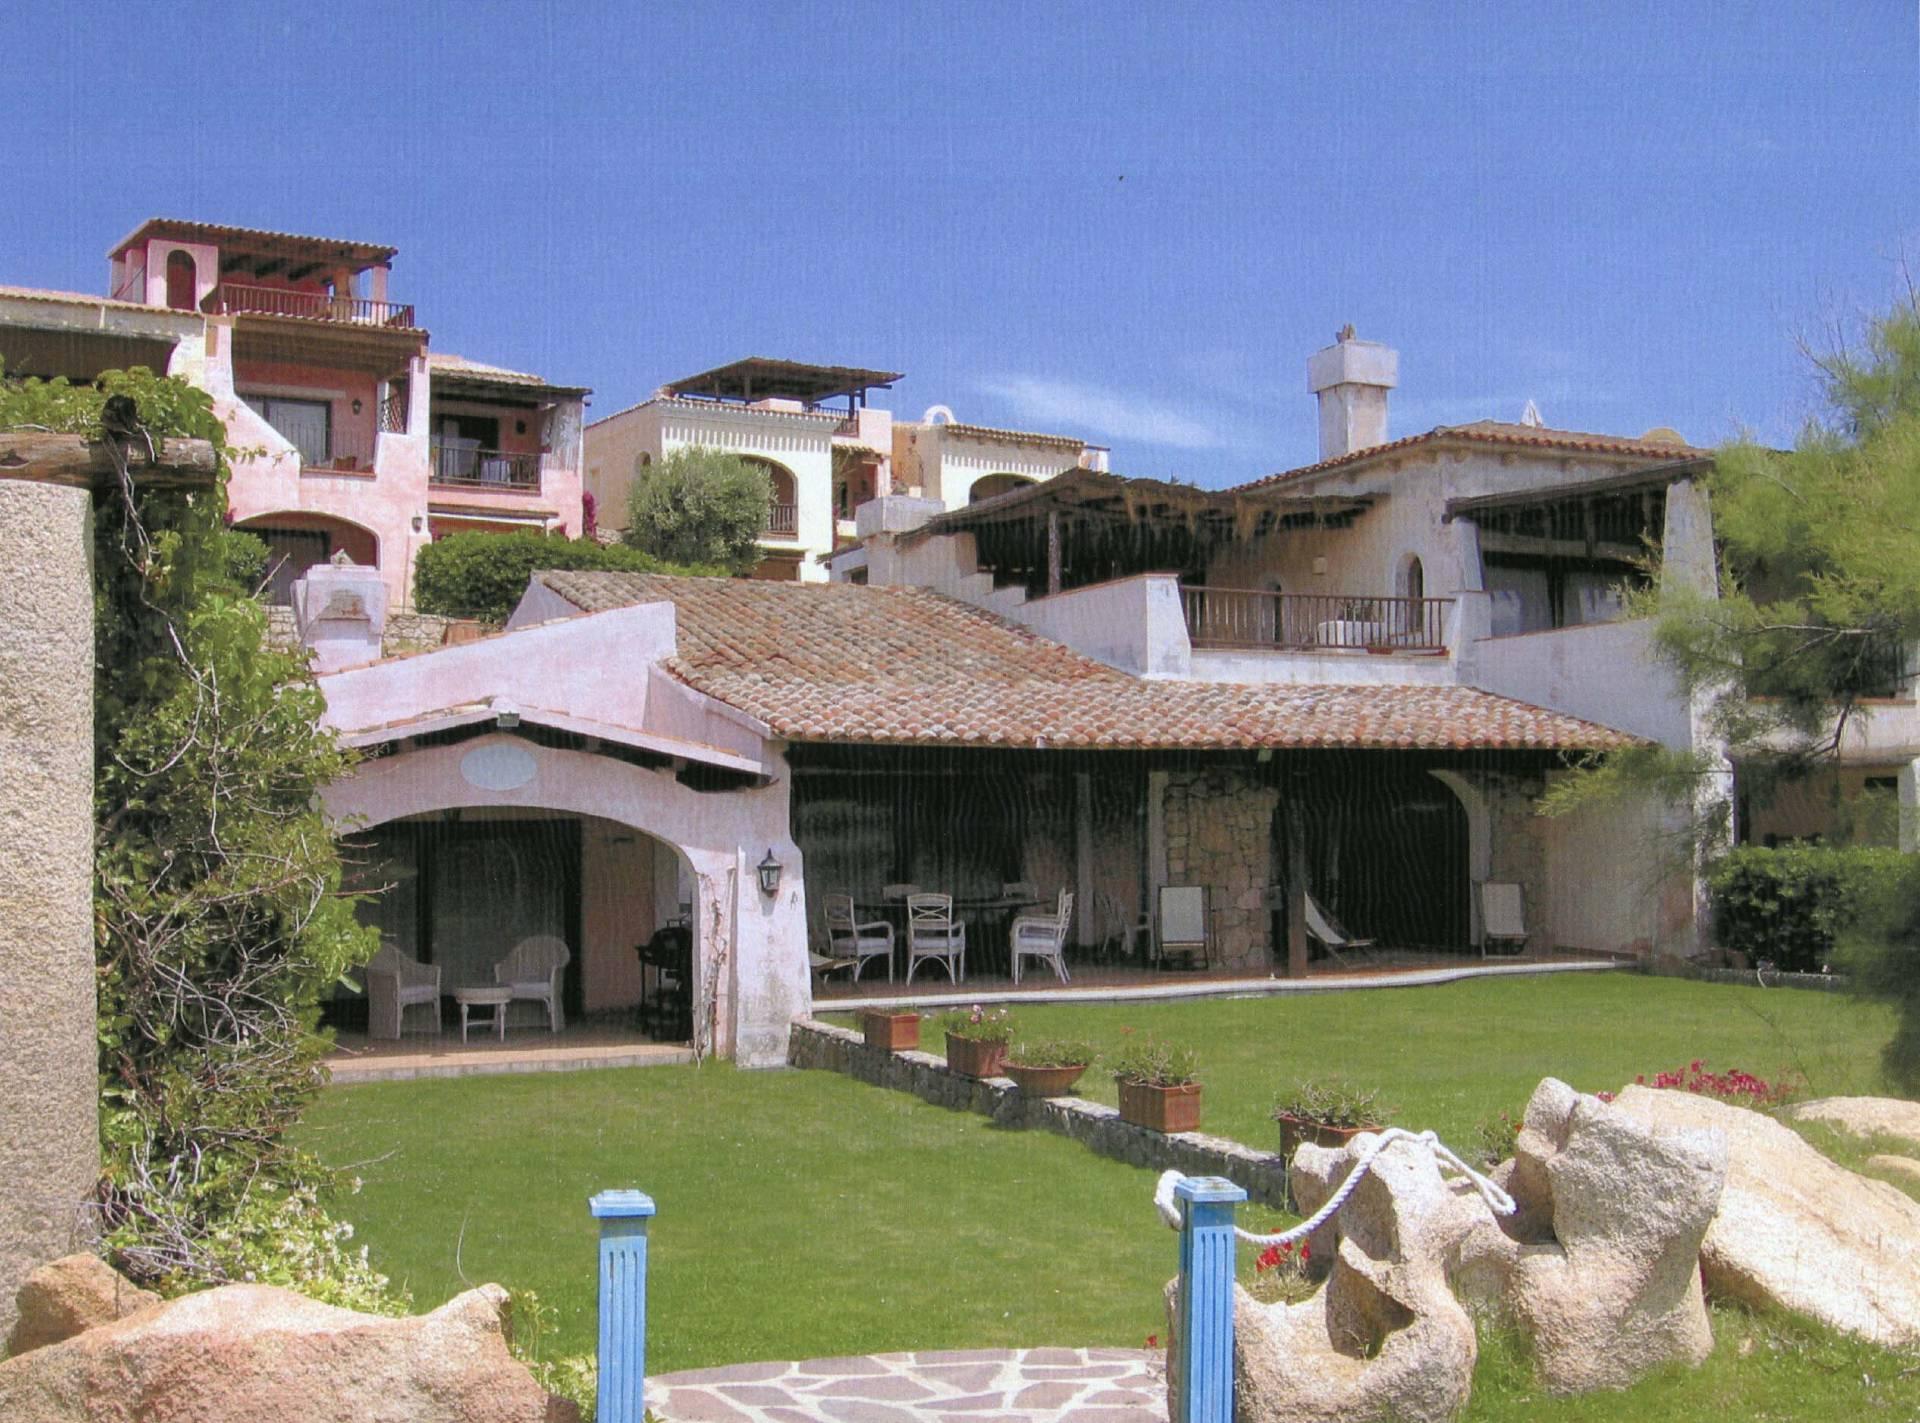 Appartamento in vendita a Arzachena - Porto Cervo, 2 locali, zona Località: PortoCervo-CaladelFaro, prezzo € 450.000 | Cambio Casa.it